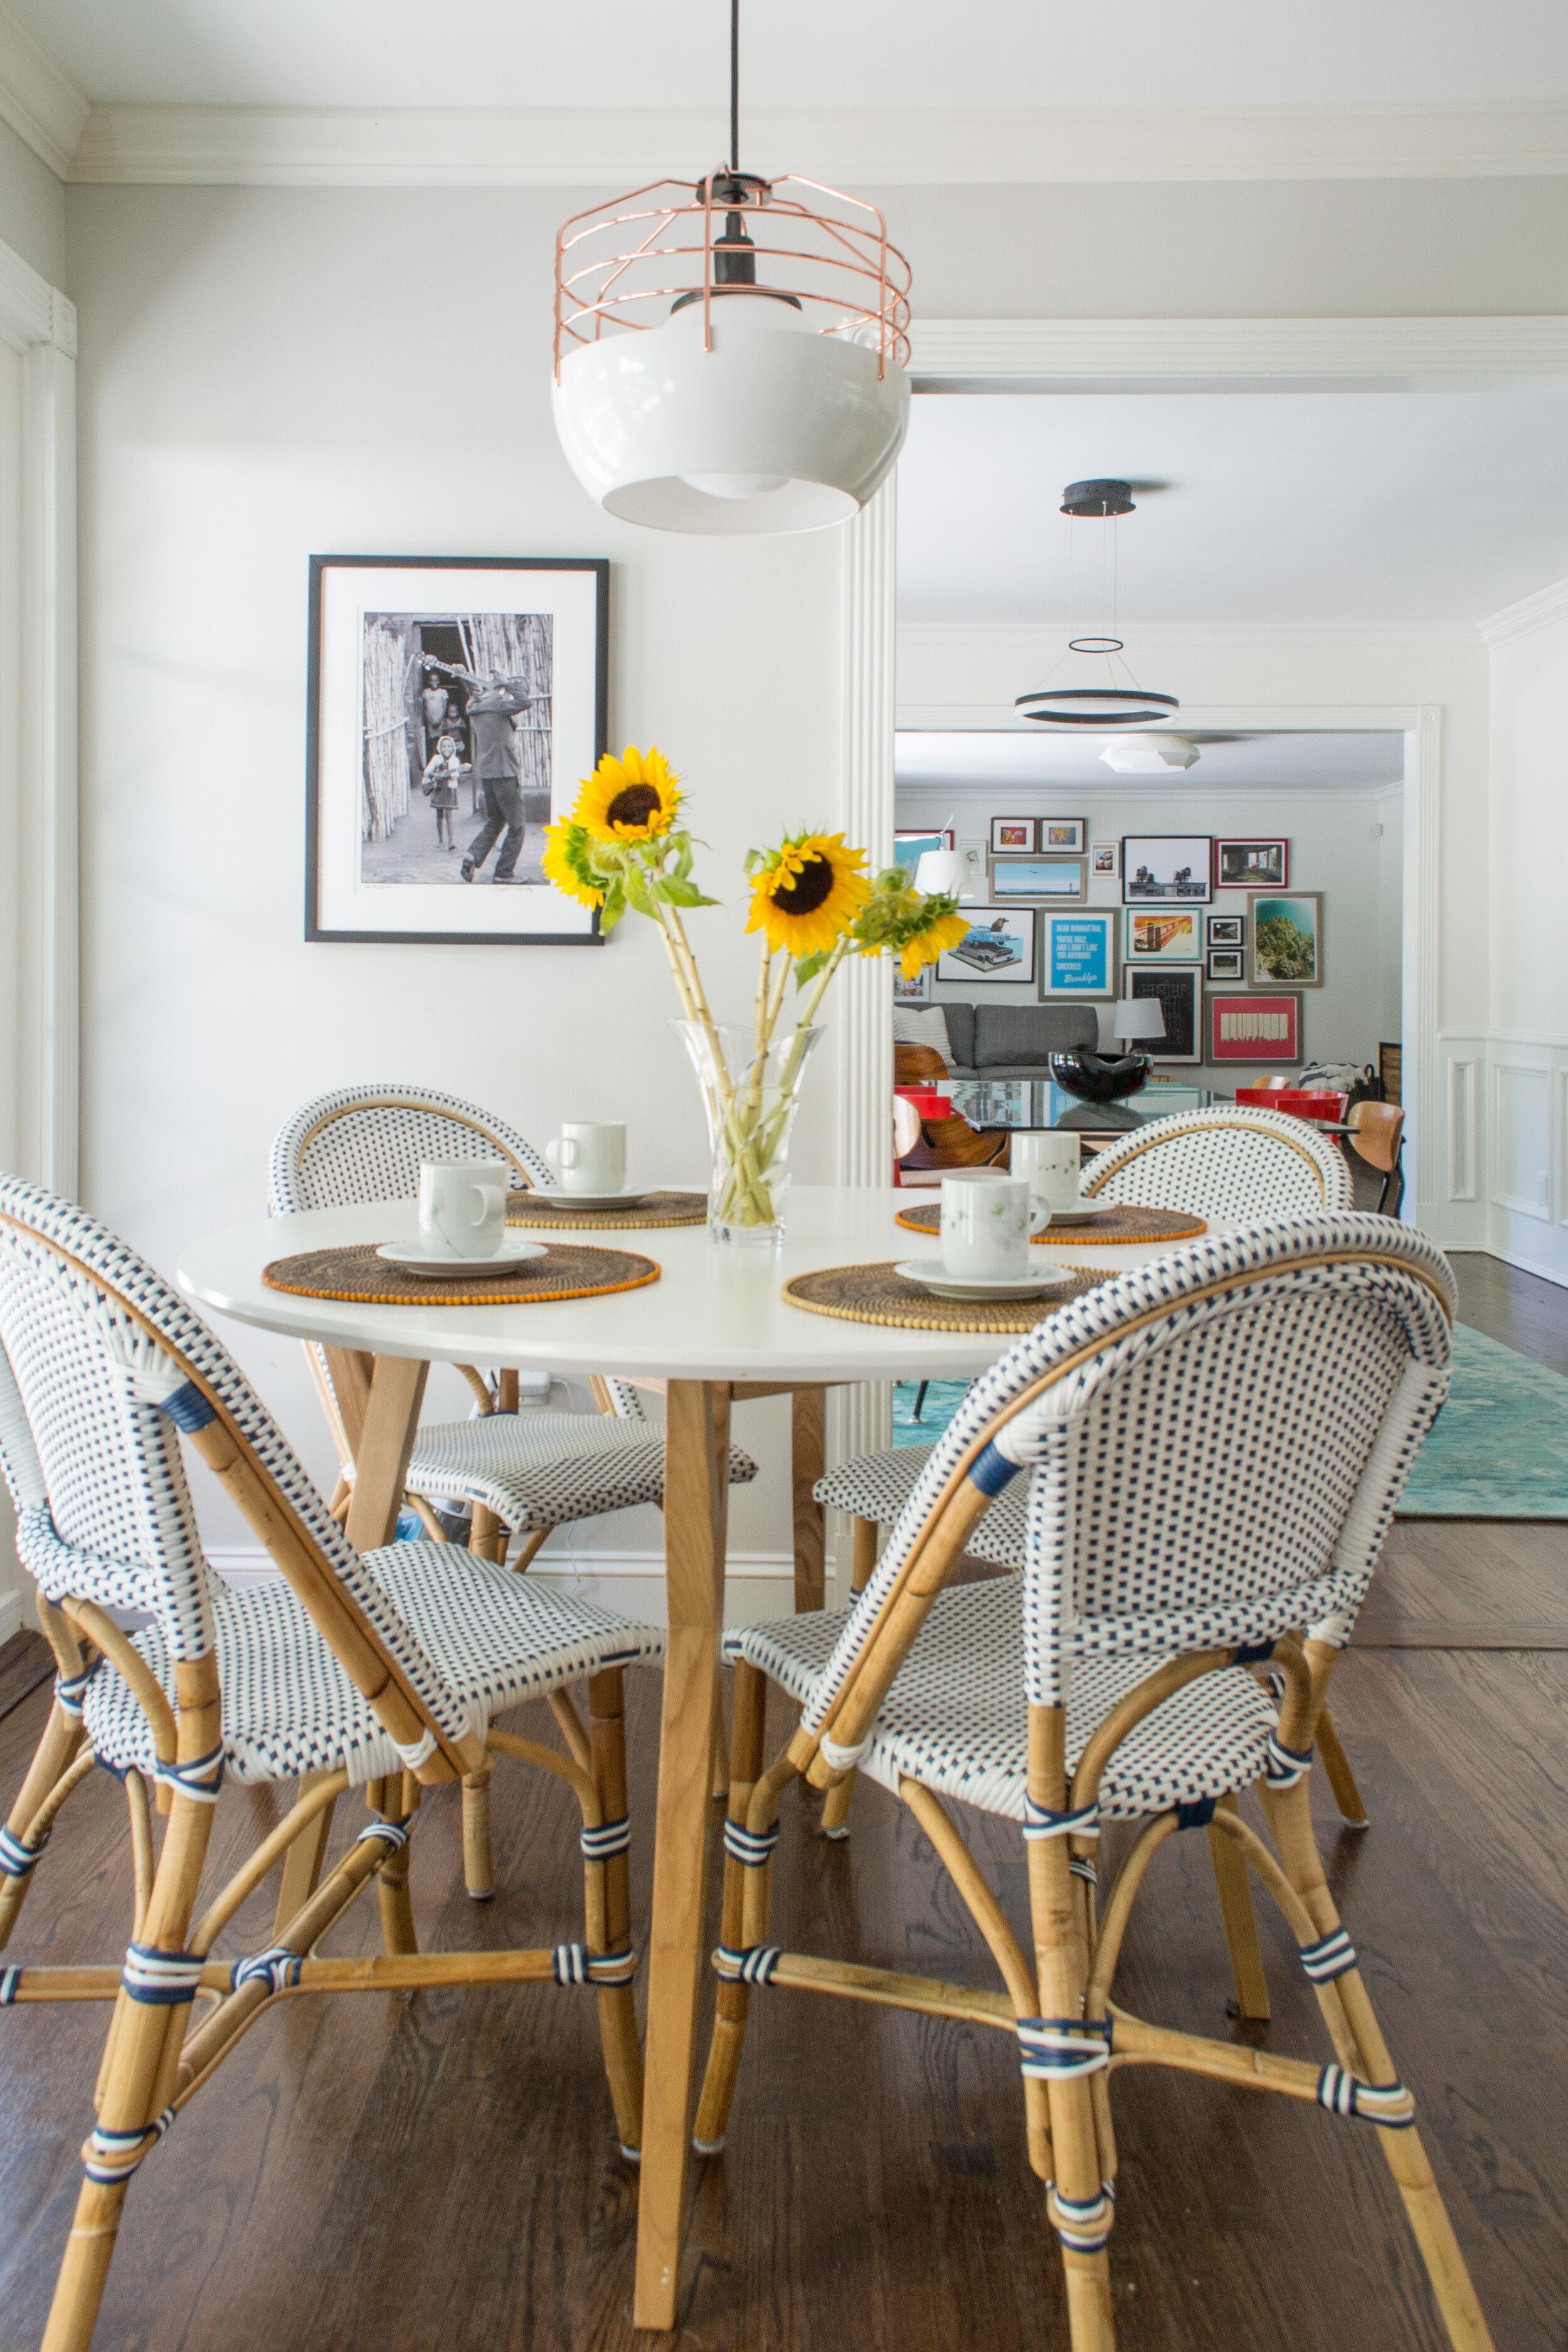 kitchenette-white-tc-interiors-1.jpg